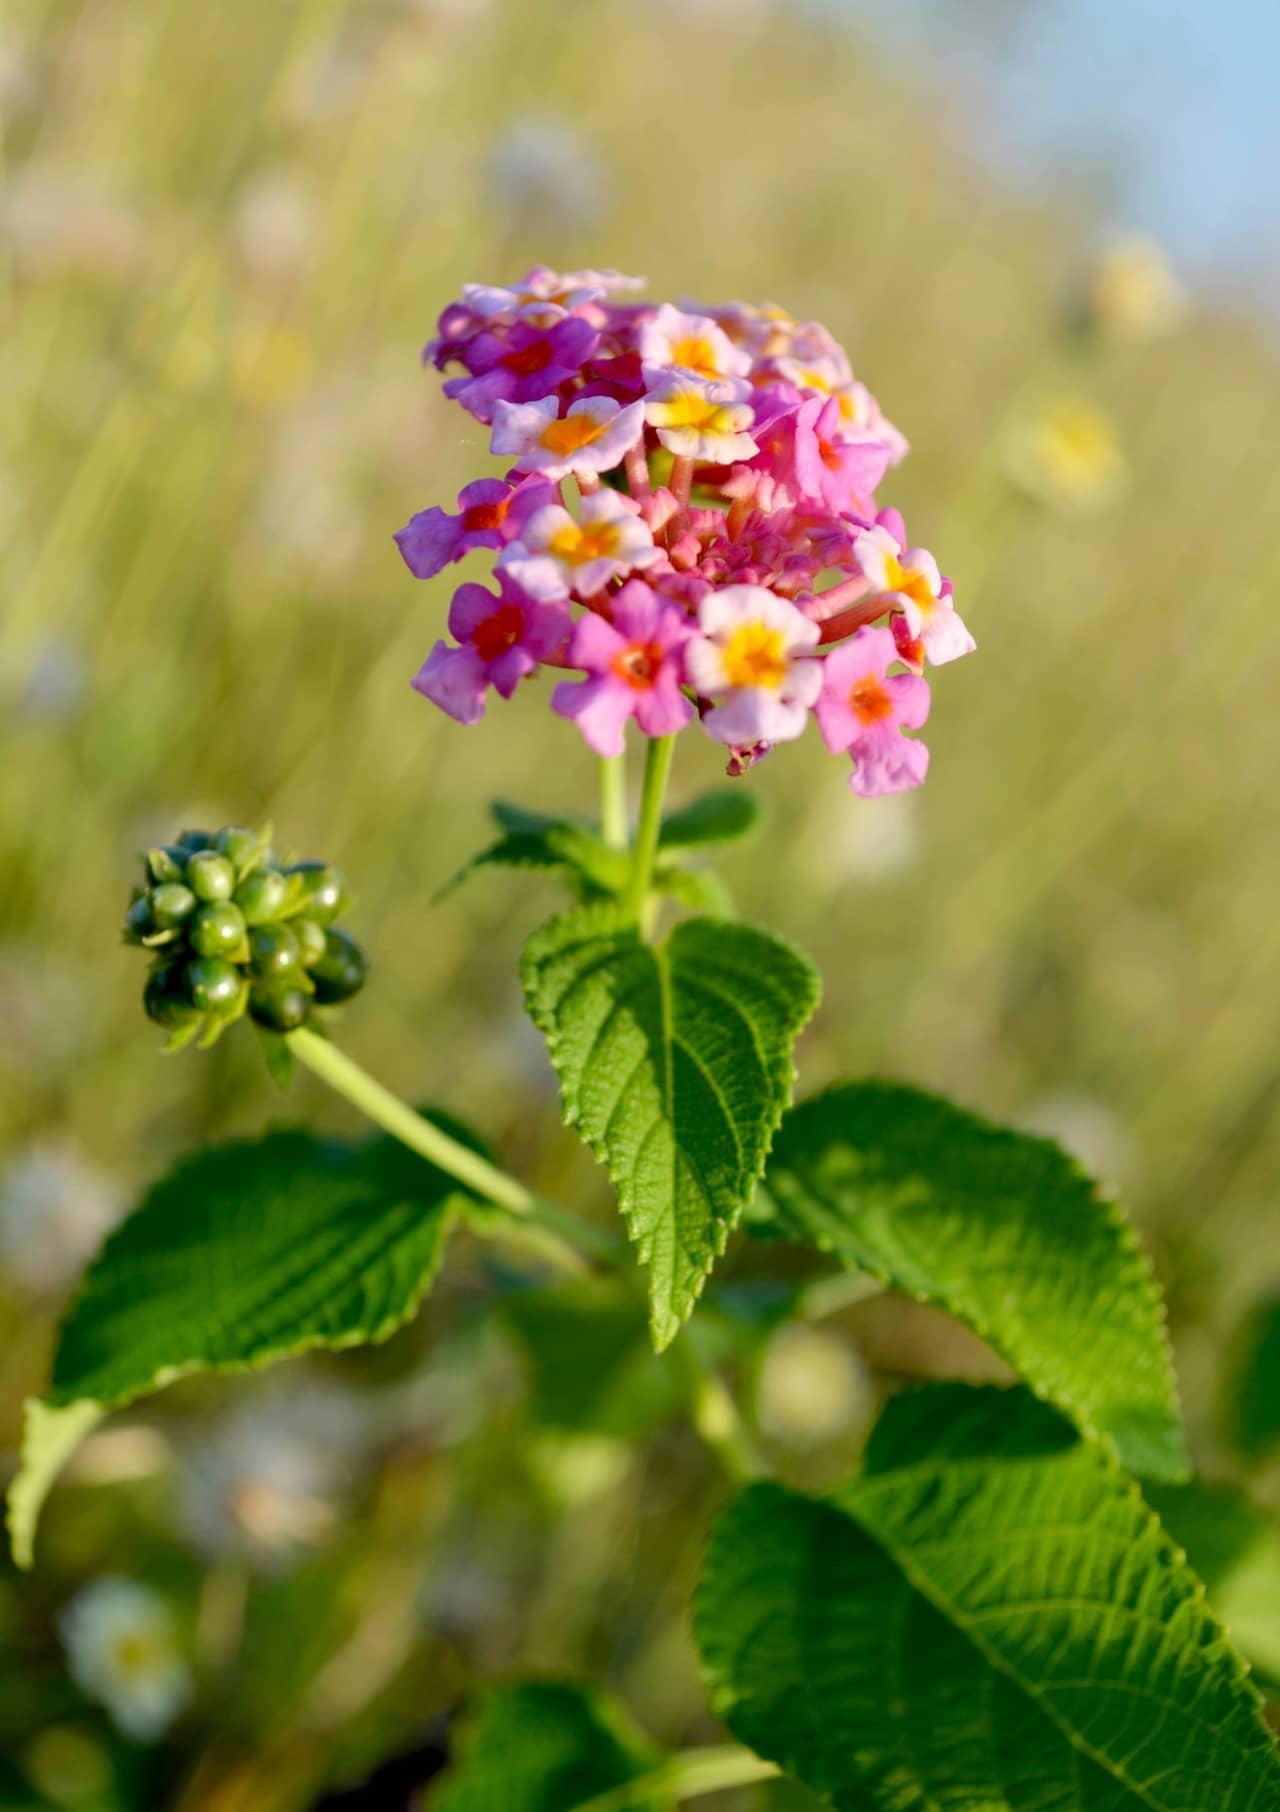 Ngẩn ngơ trước vẻ đẹp của hoa ngũ sắc tên tiếng anh là Lantana